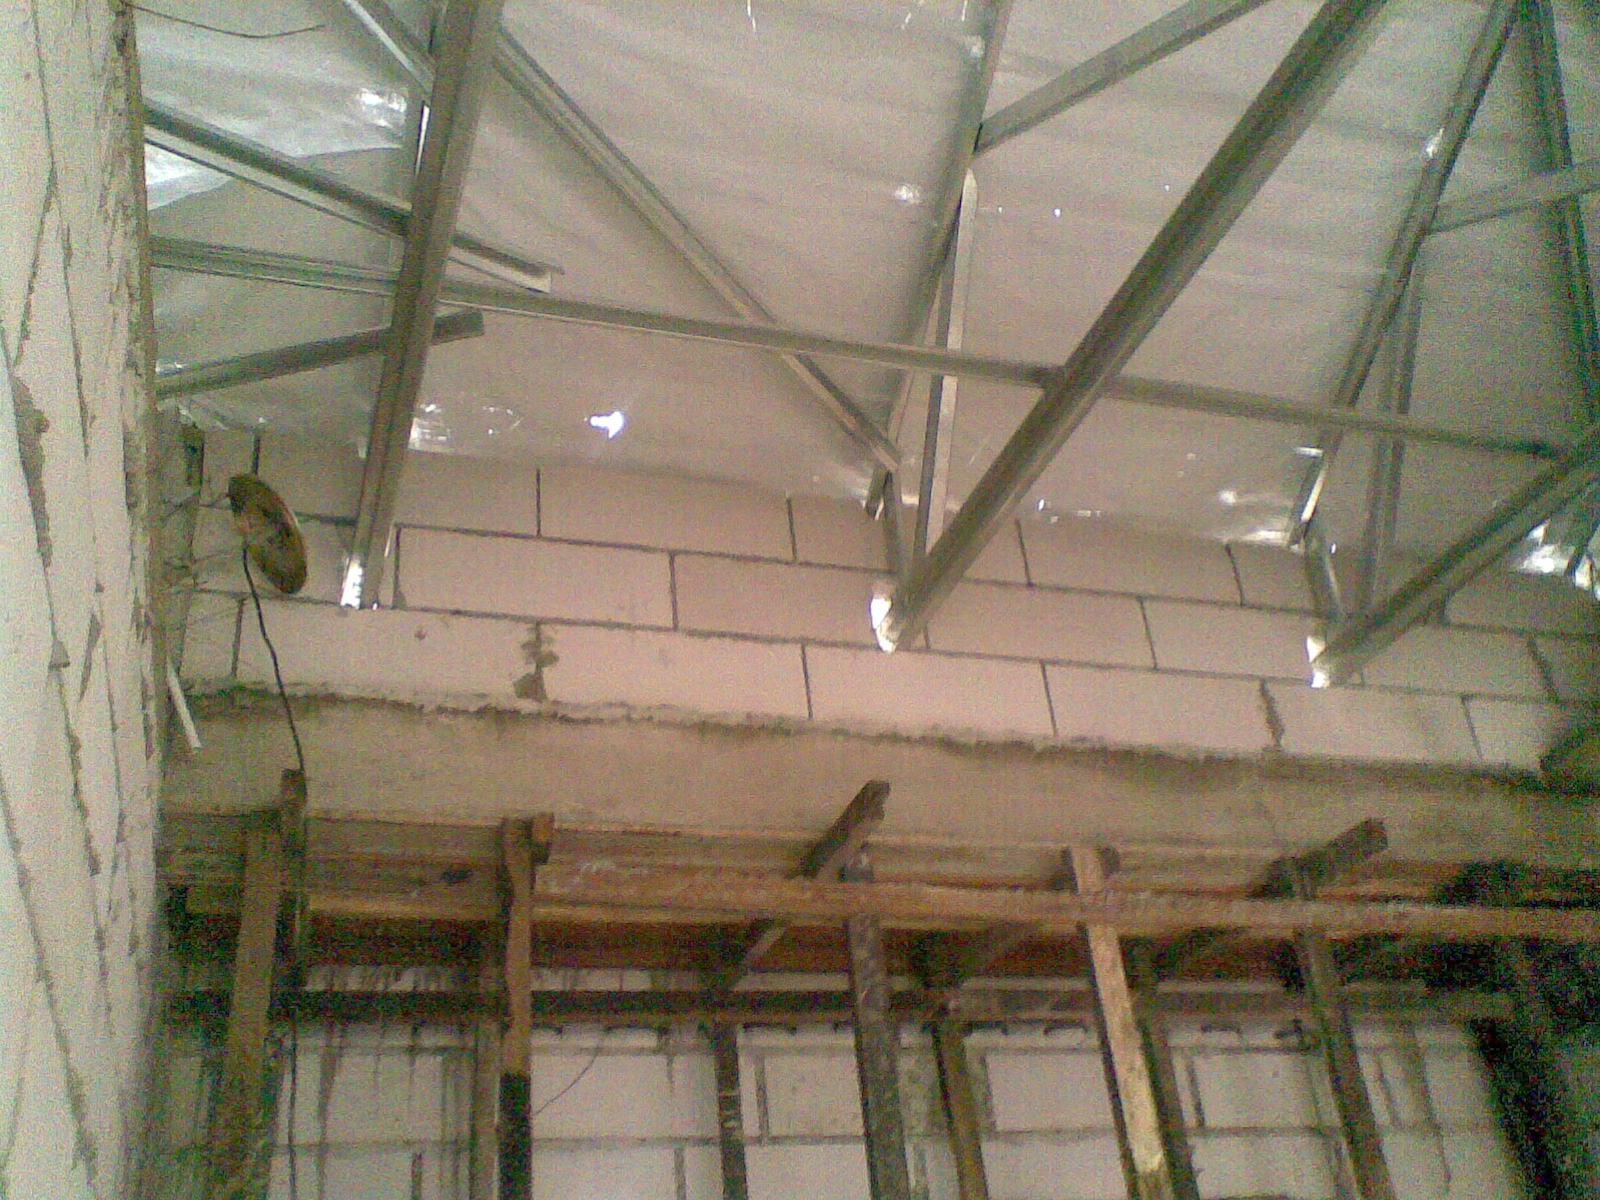 harga atap baja ringan asbes bangun rumah (10) rangka pryda – to give ...